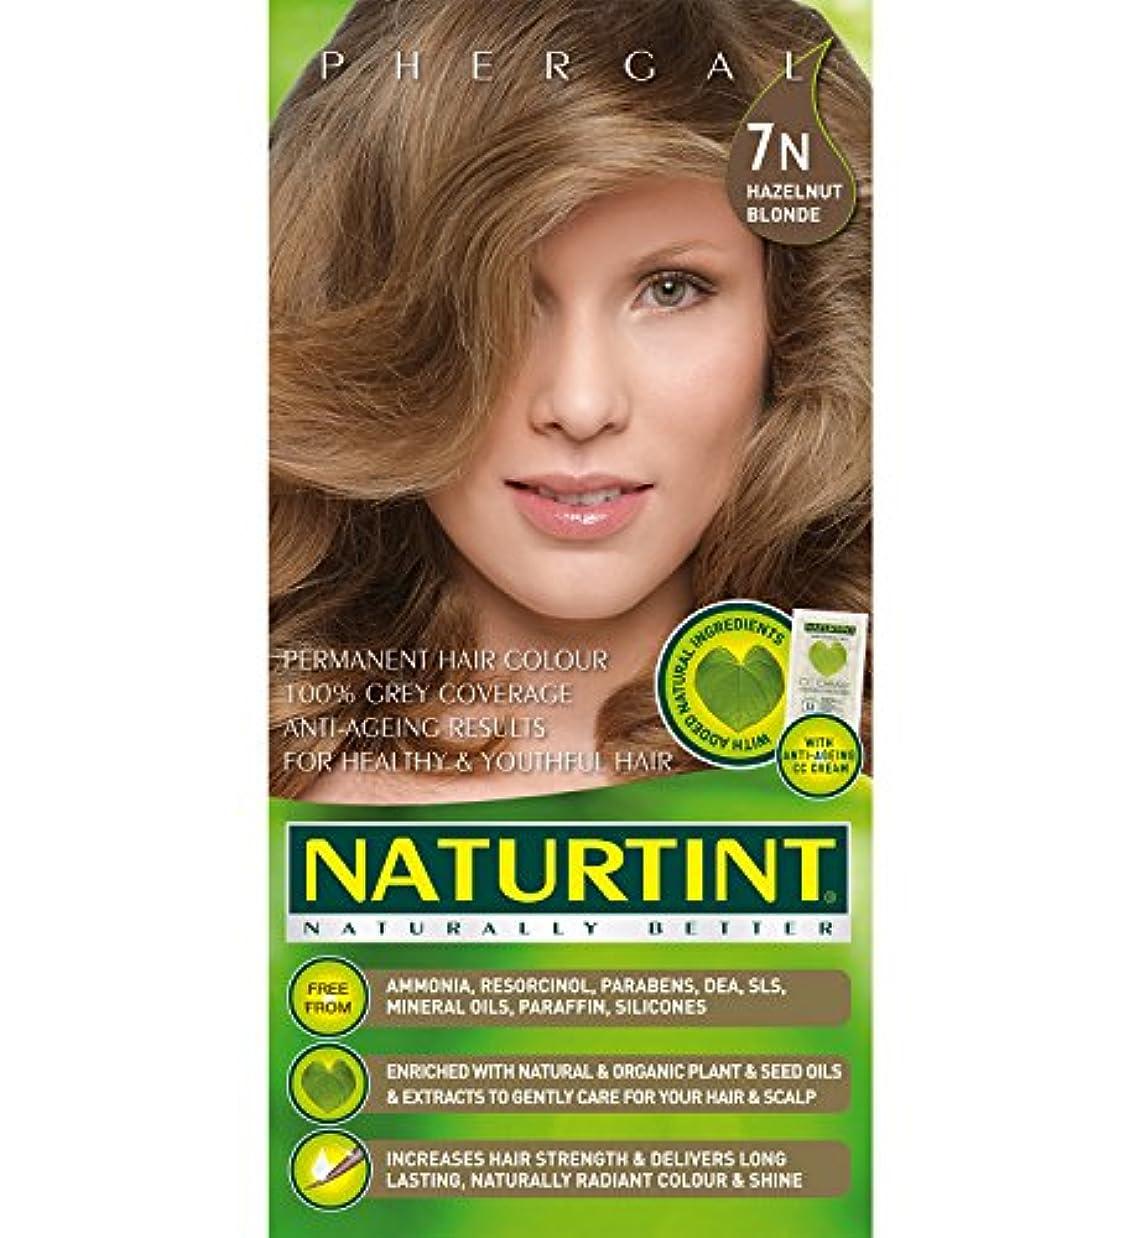 解説行く甘やかすNaturtint Hair Color 7N Hazelnut Blonde Count (並行輸入品)